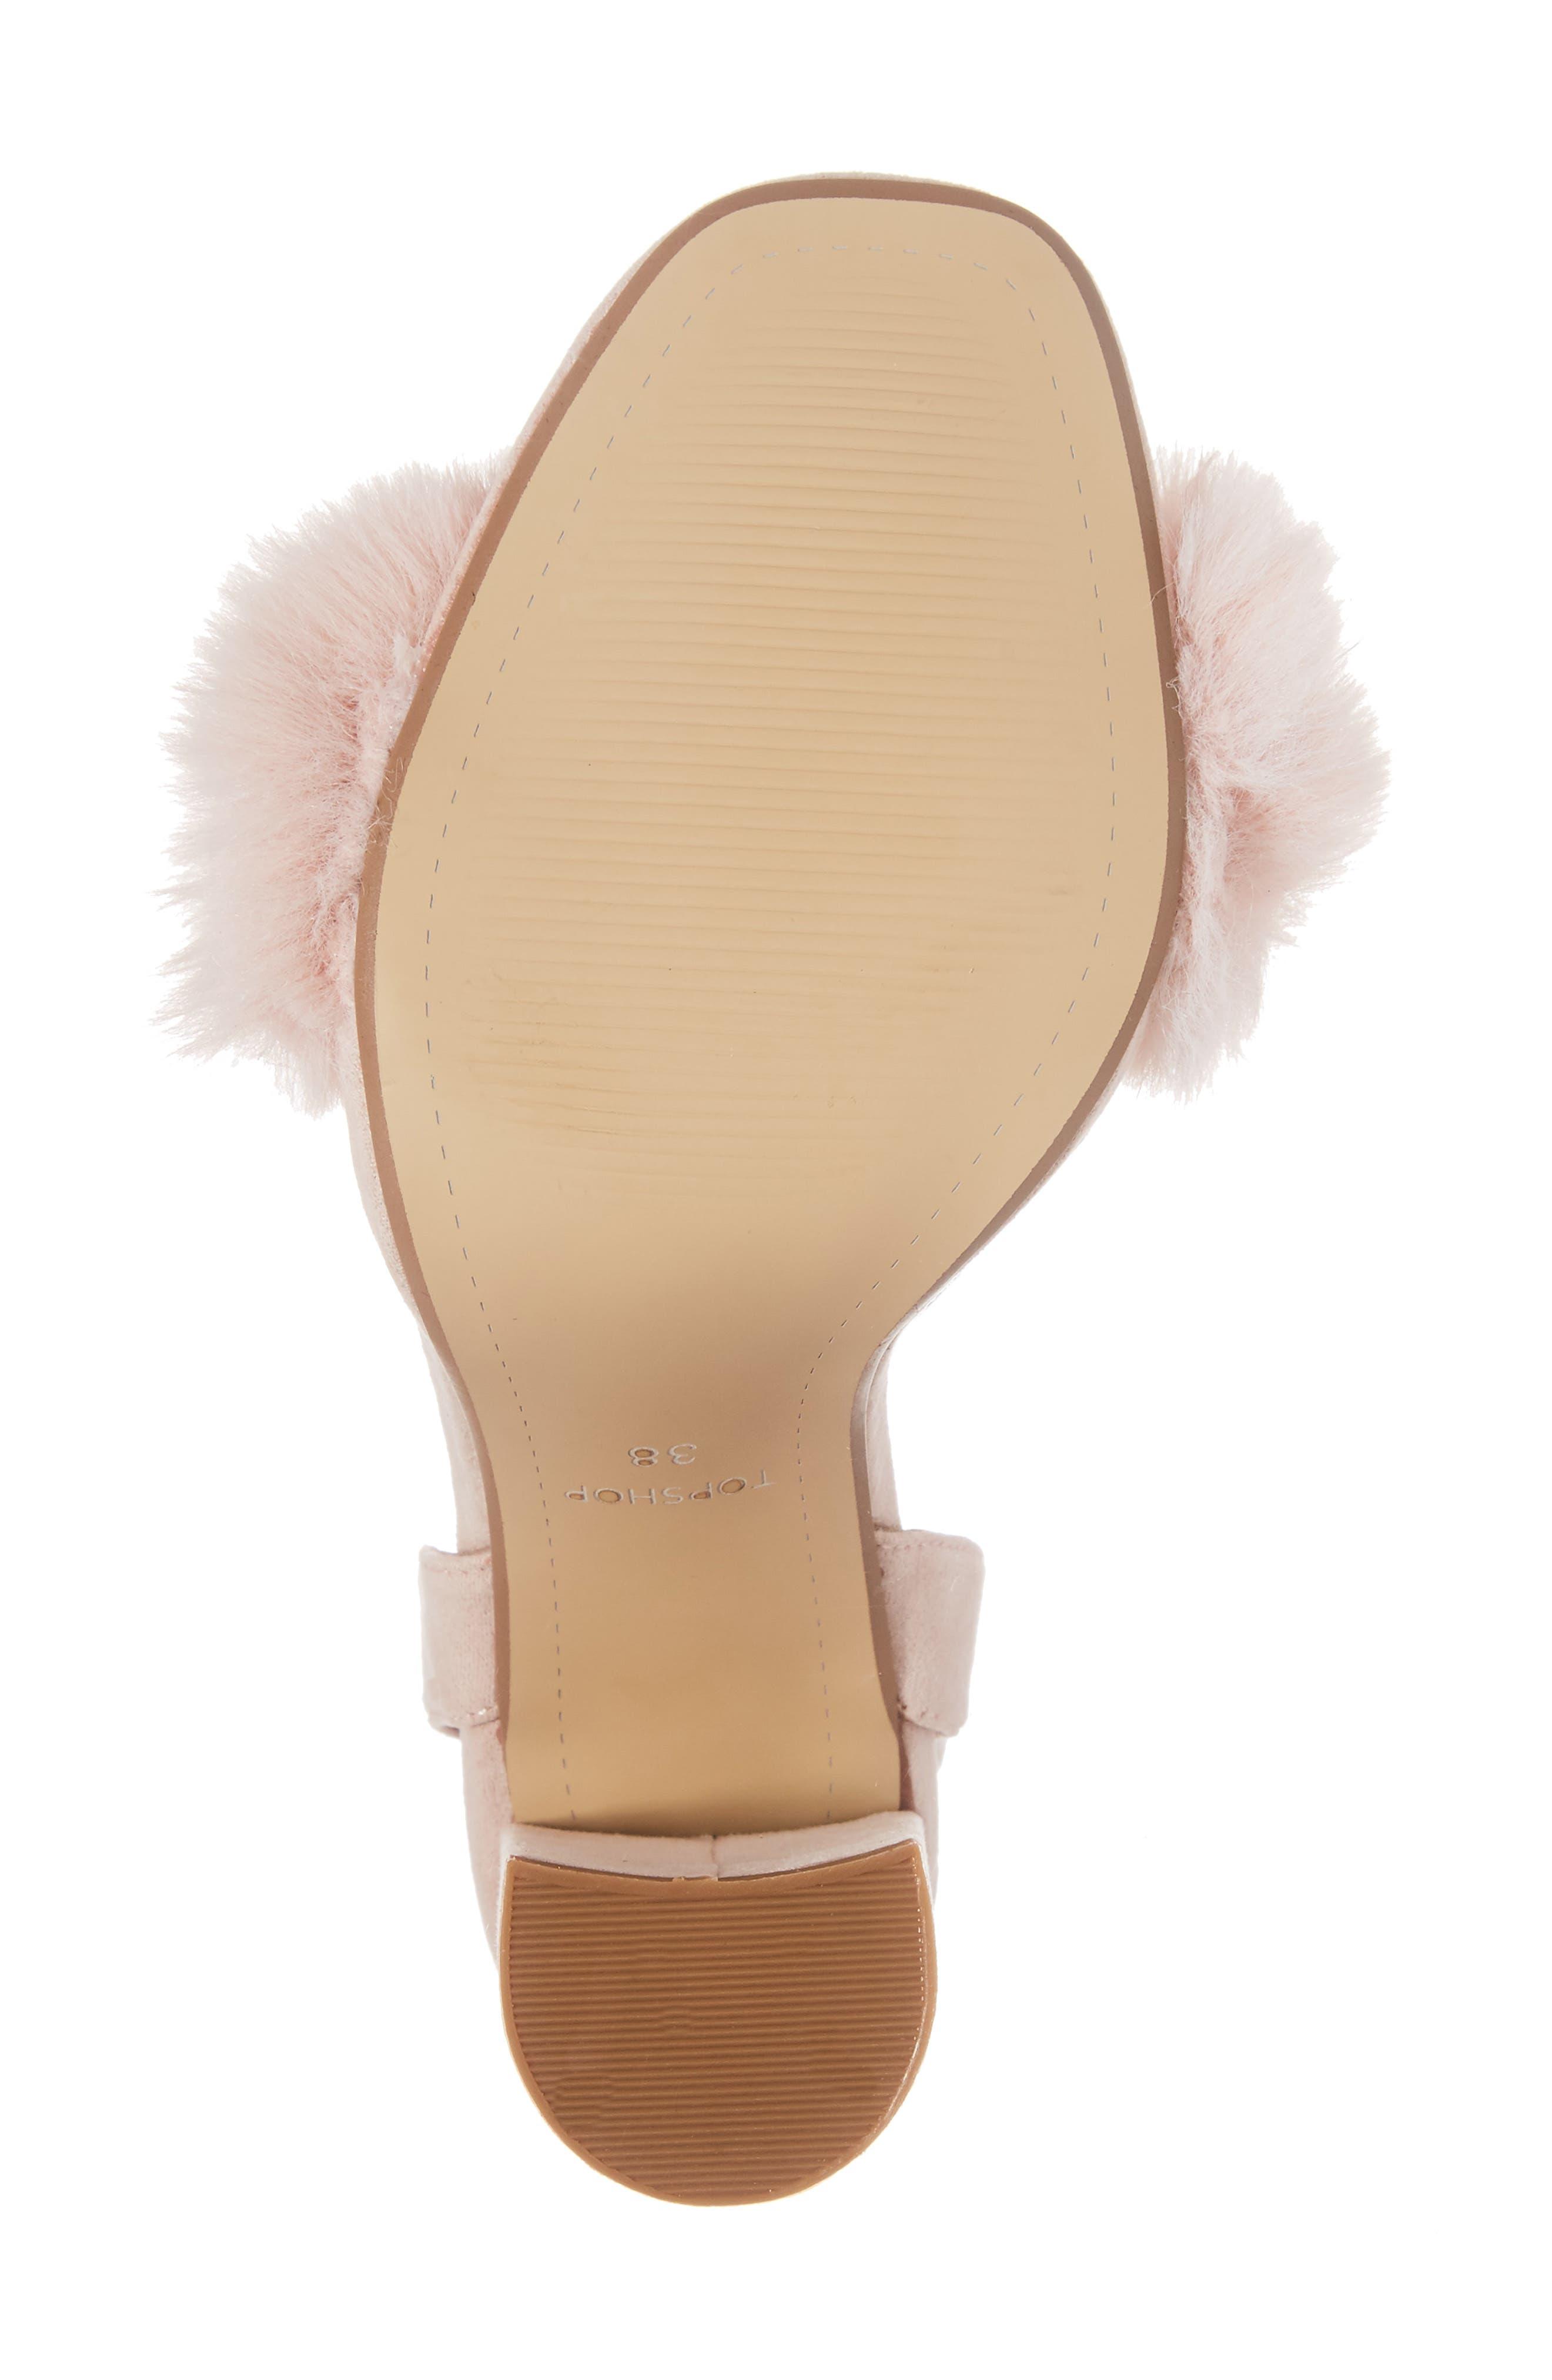 Maison Faux Fur Block Heel Sandal,                             Alternate thumbnail 6, color,                             250